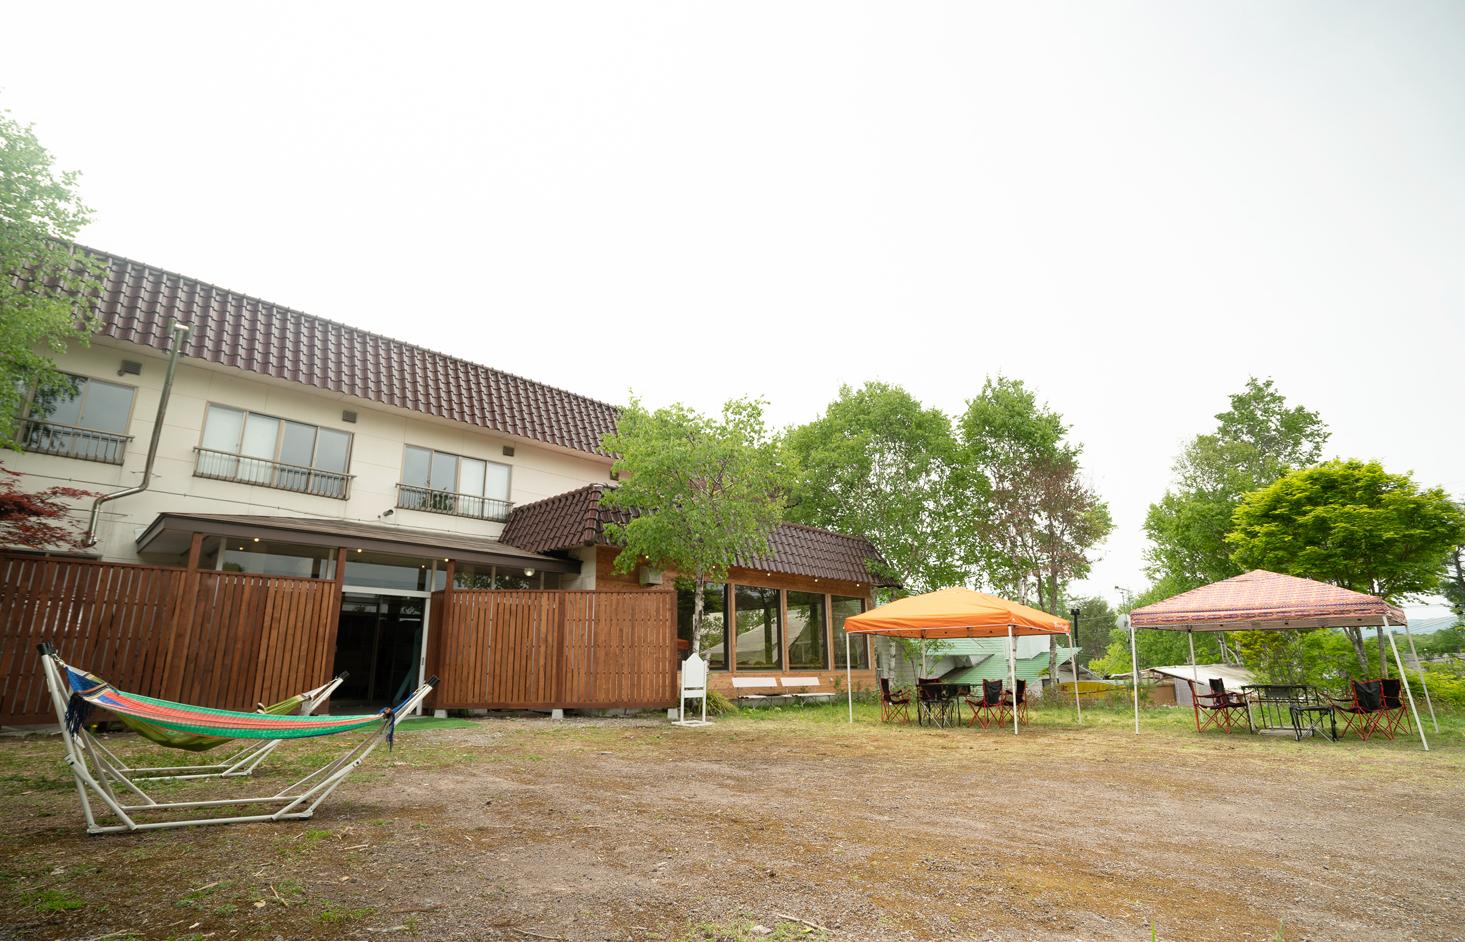 蓼科高原でピクニックするならピクニックベース&ホステル